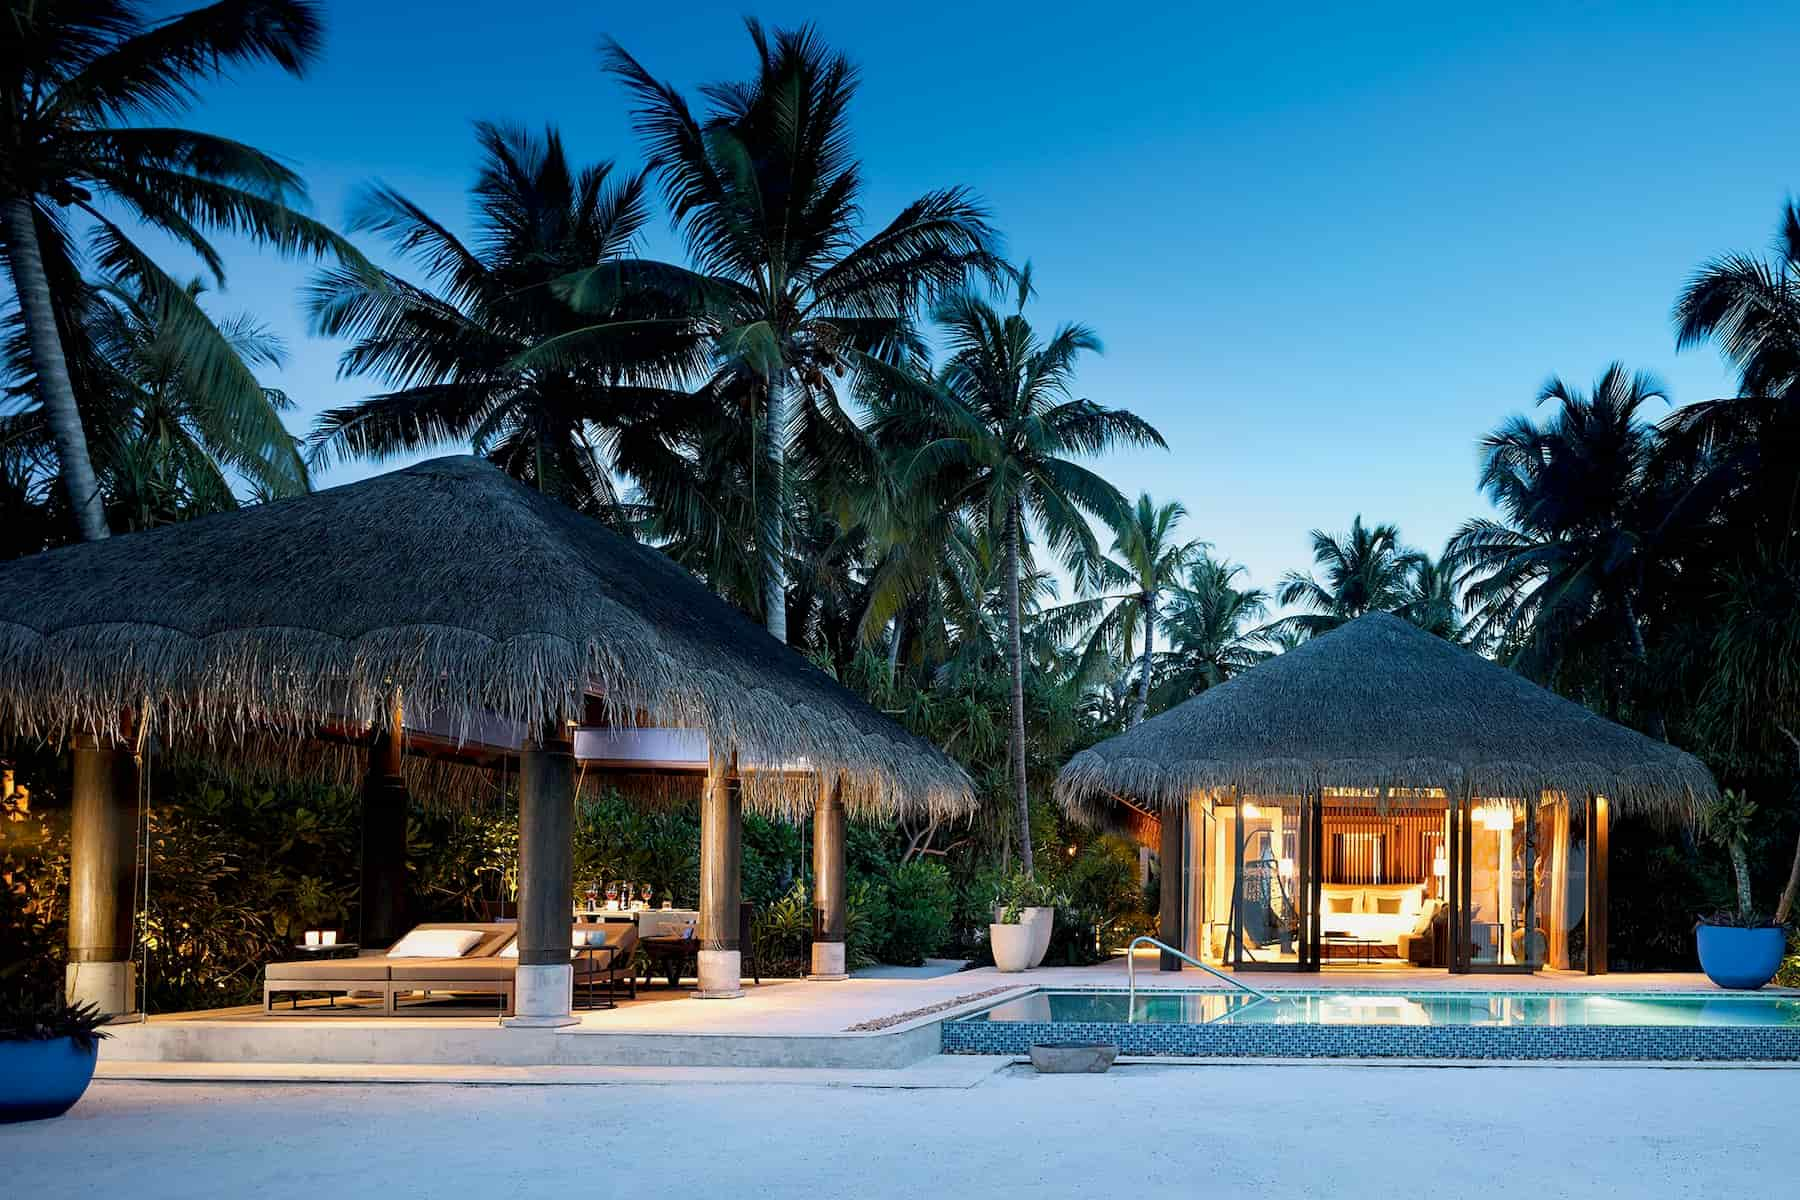 Resort Maldive Velaa Private Island beach pool villa